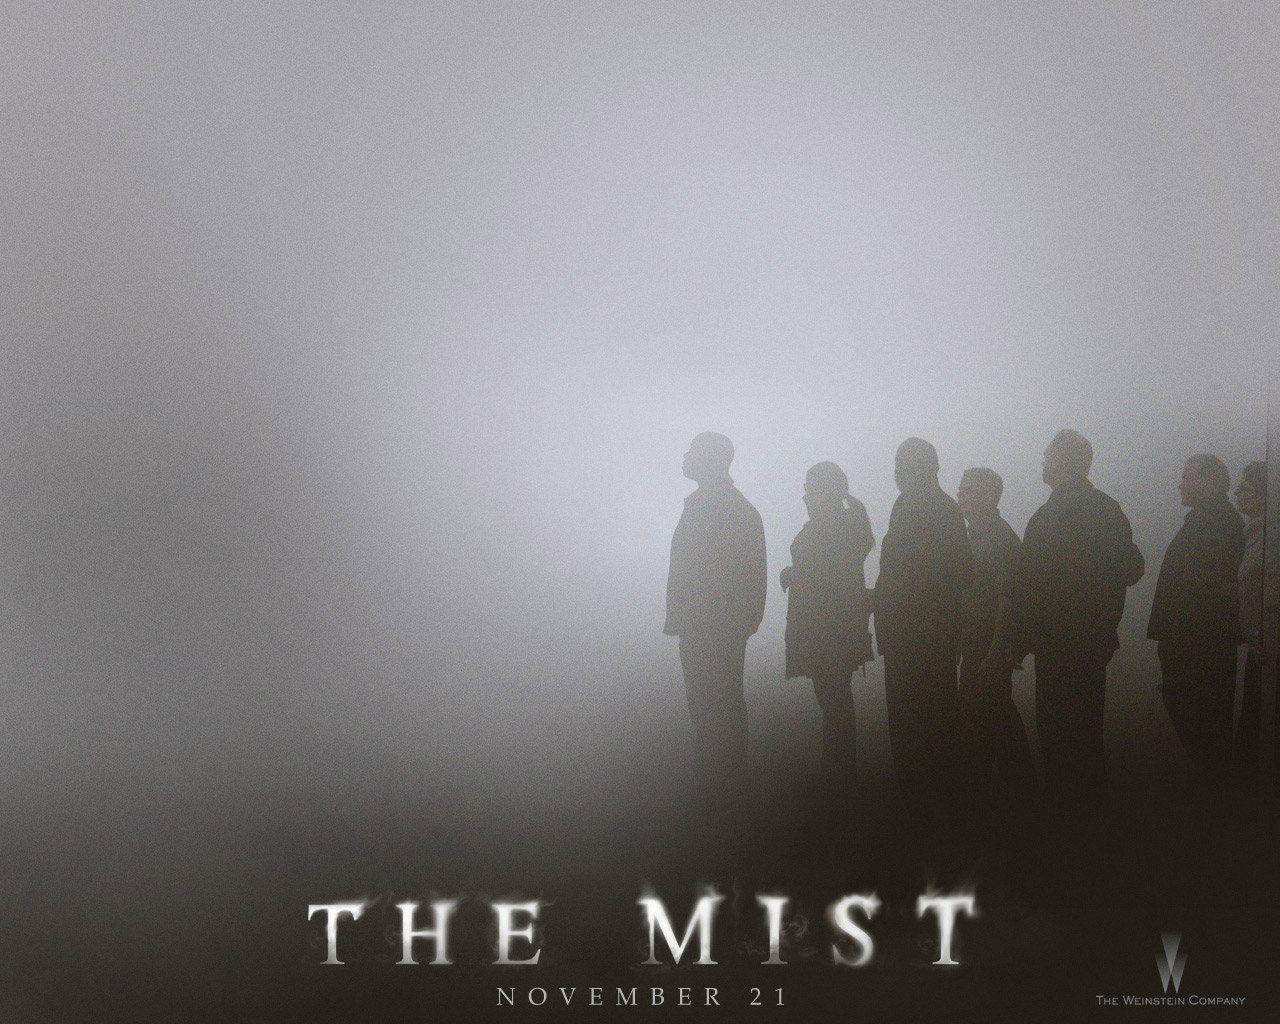 THE MIST The Mist!